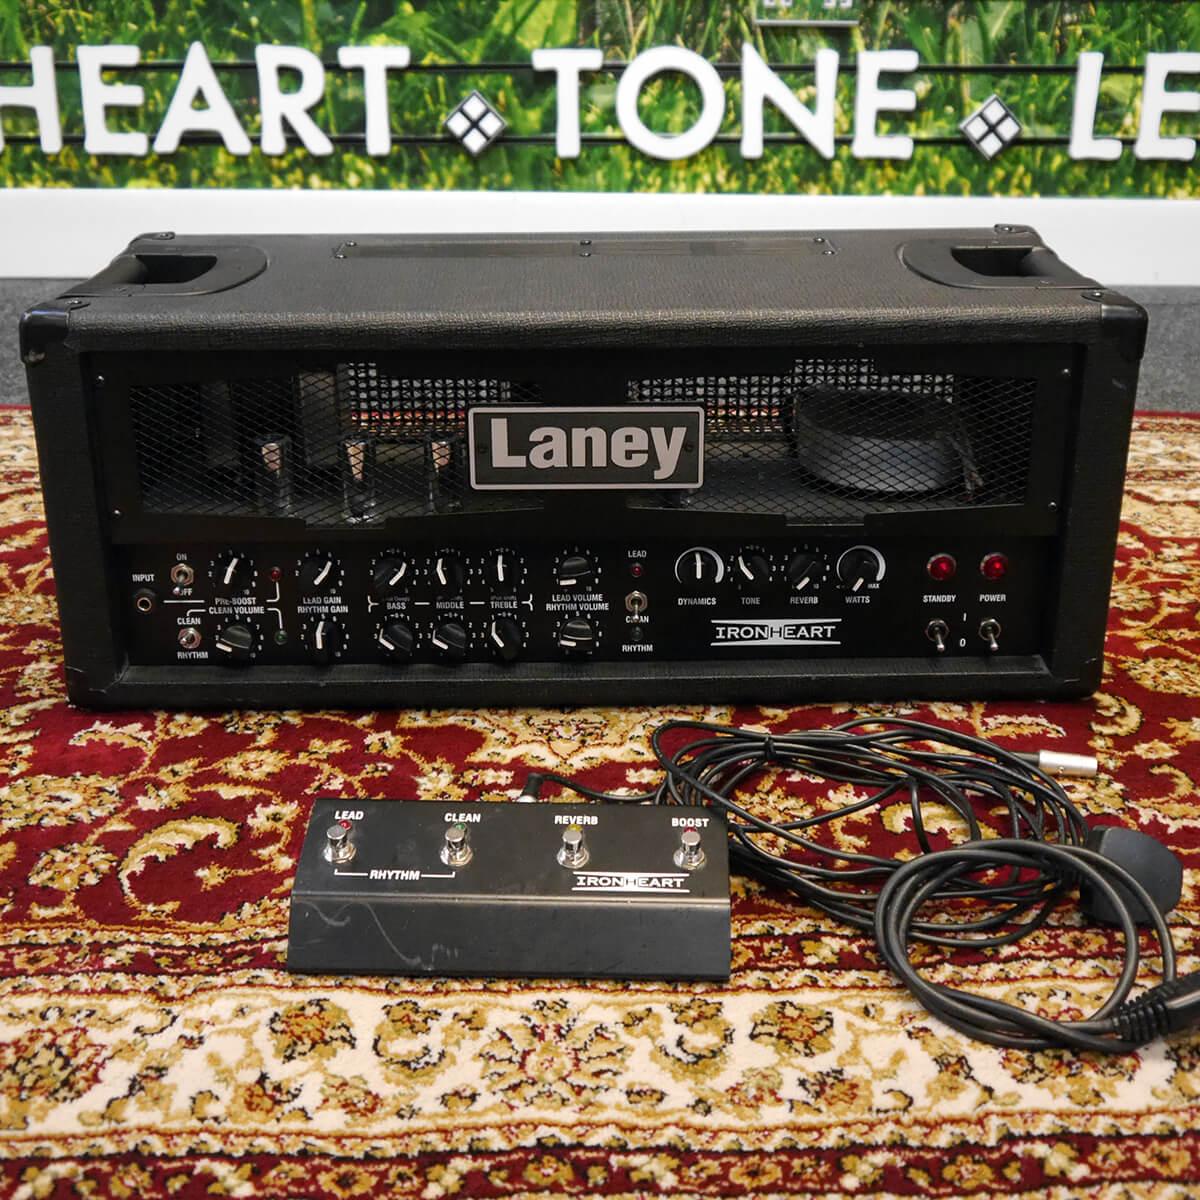 Laney Ironheart IRT60 Amplifier Head - 2nd Hand